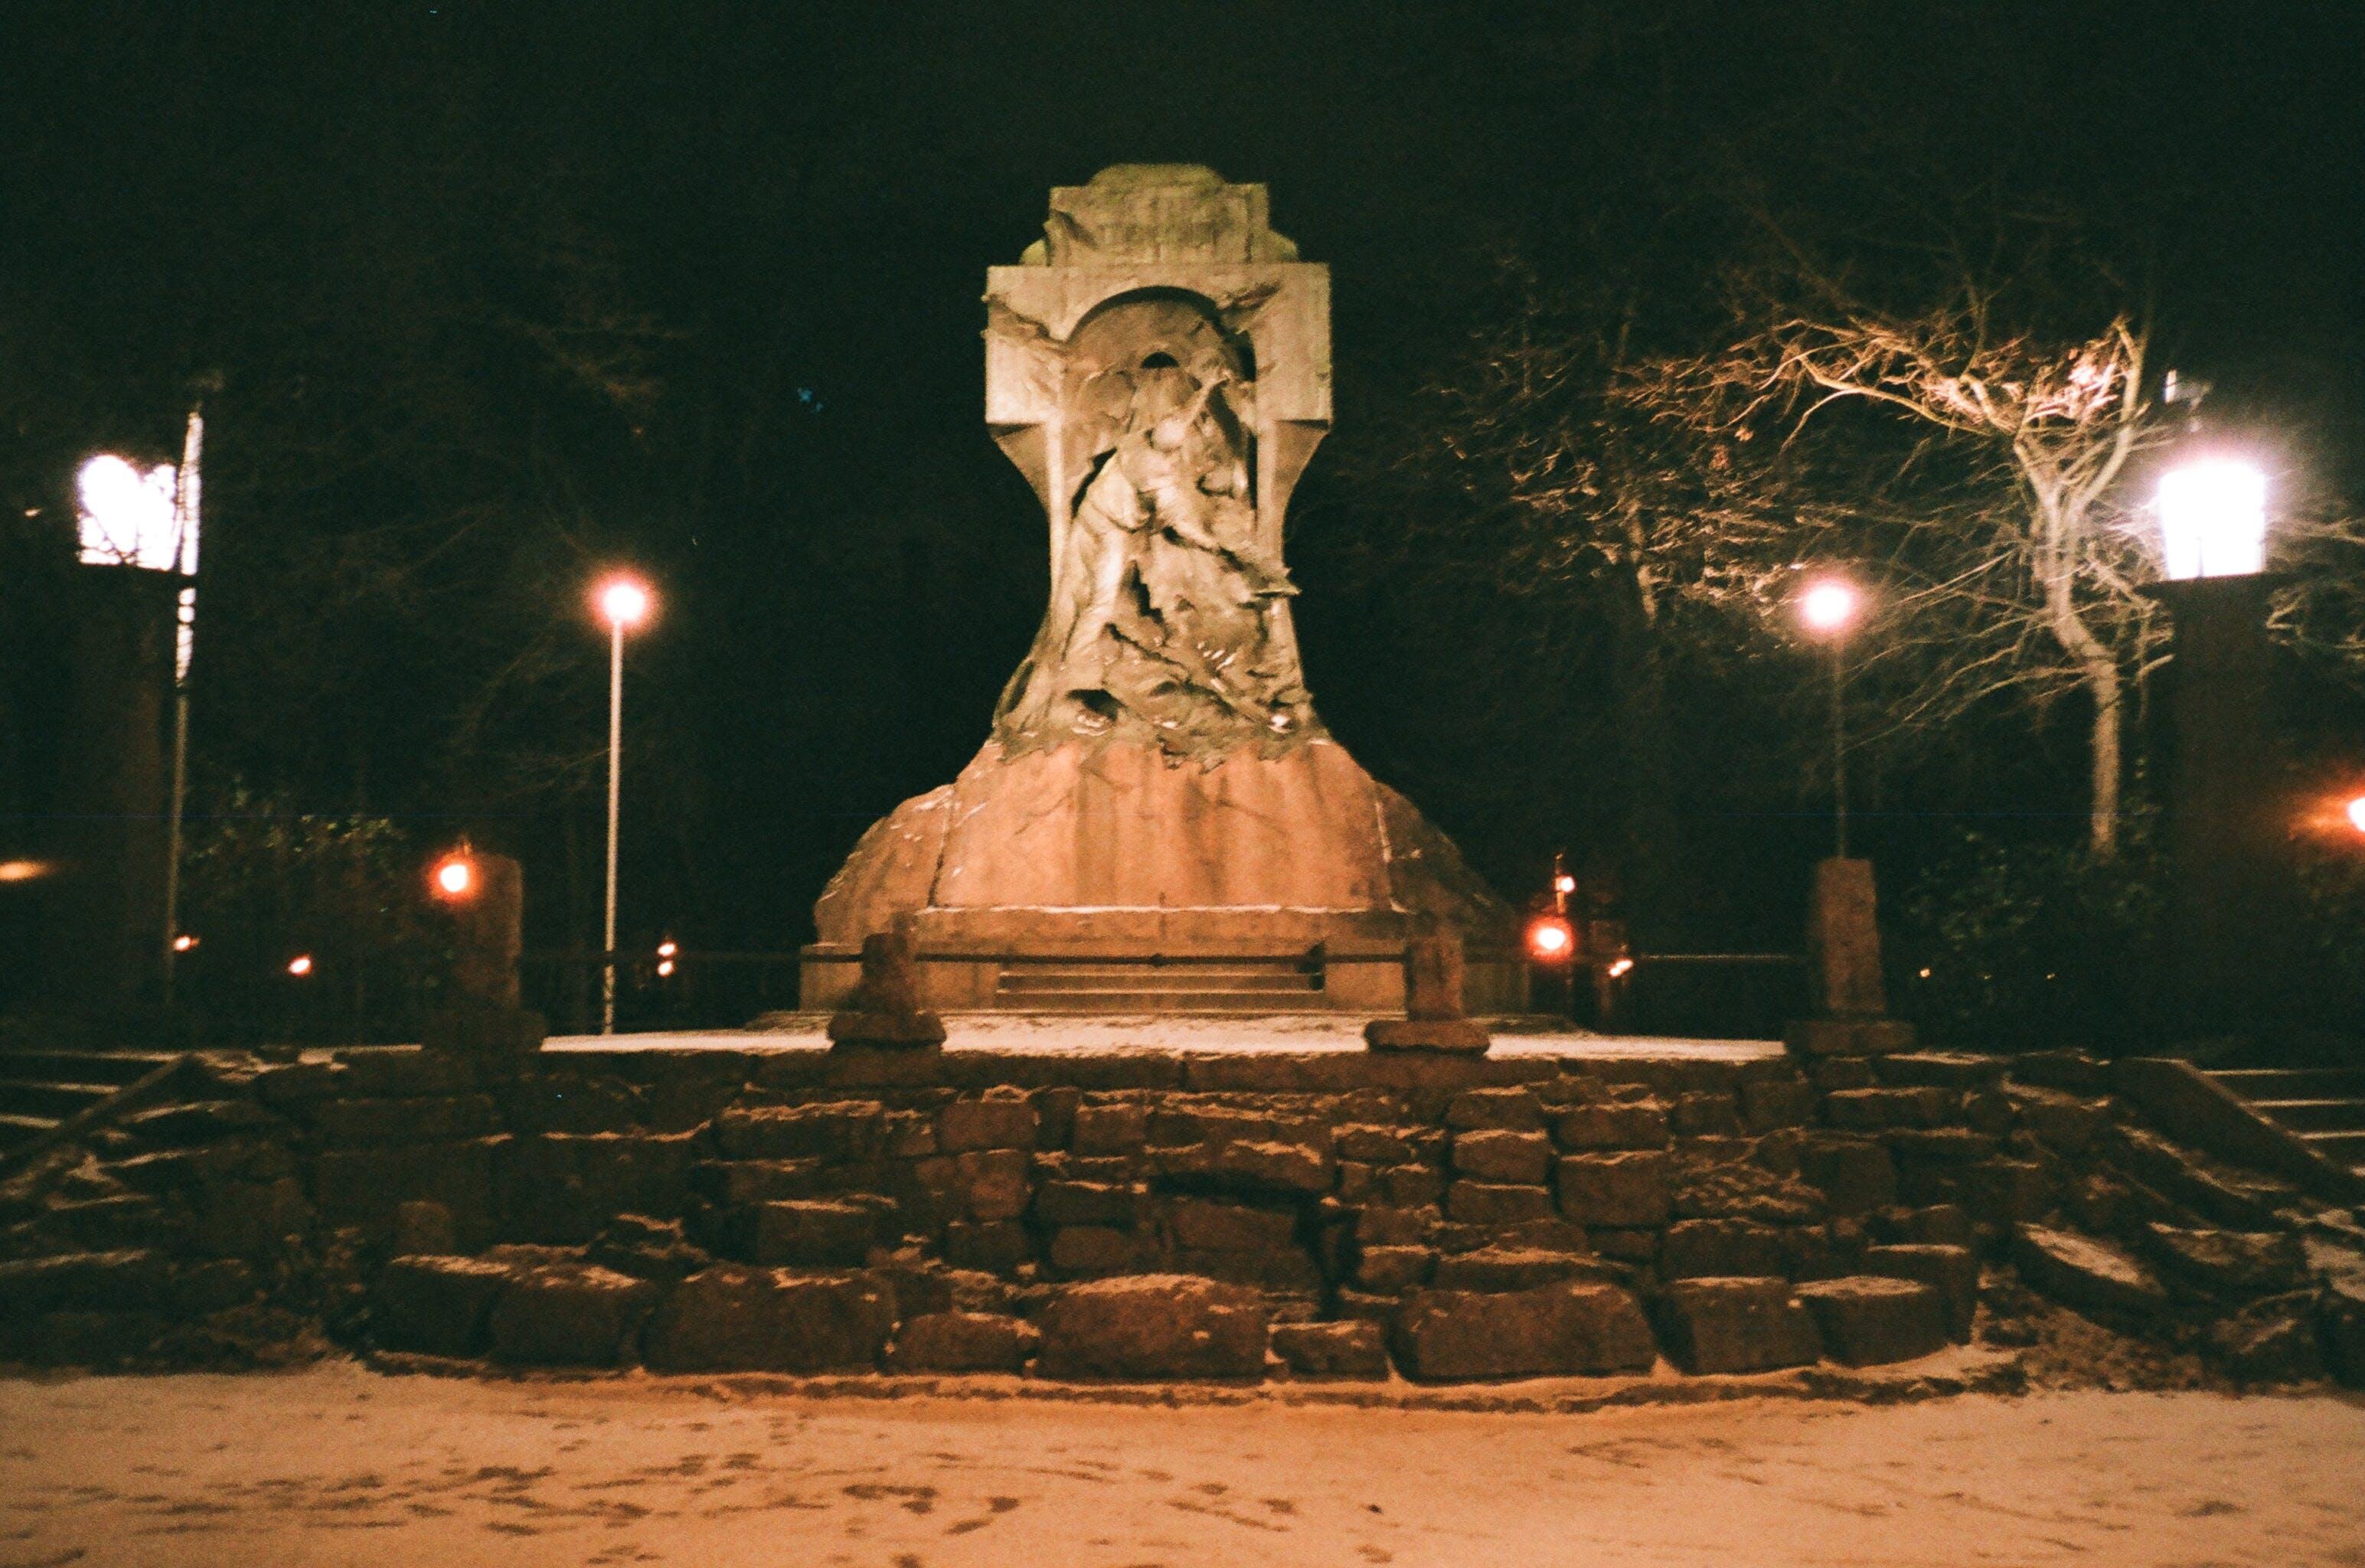 35 mm, aften, arkitektur